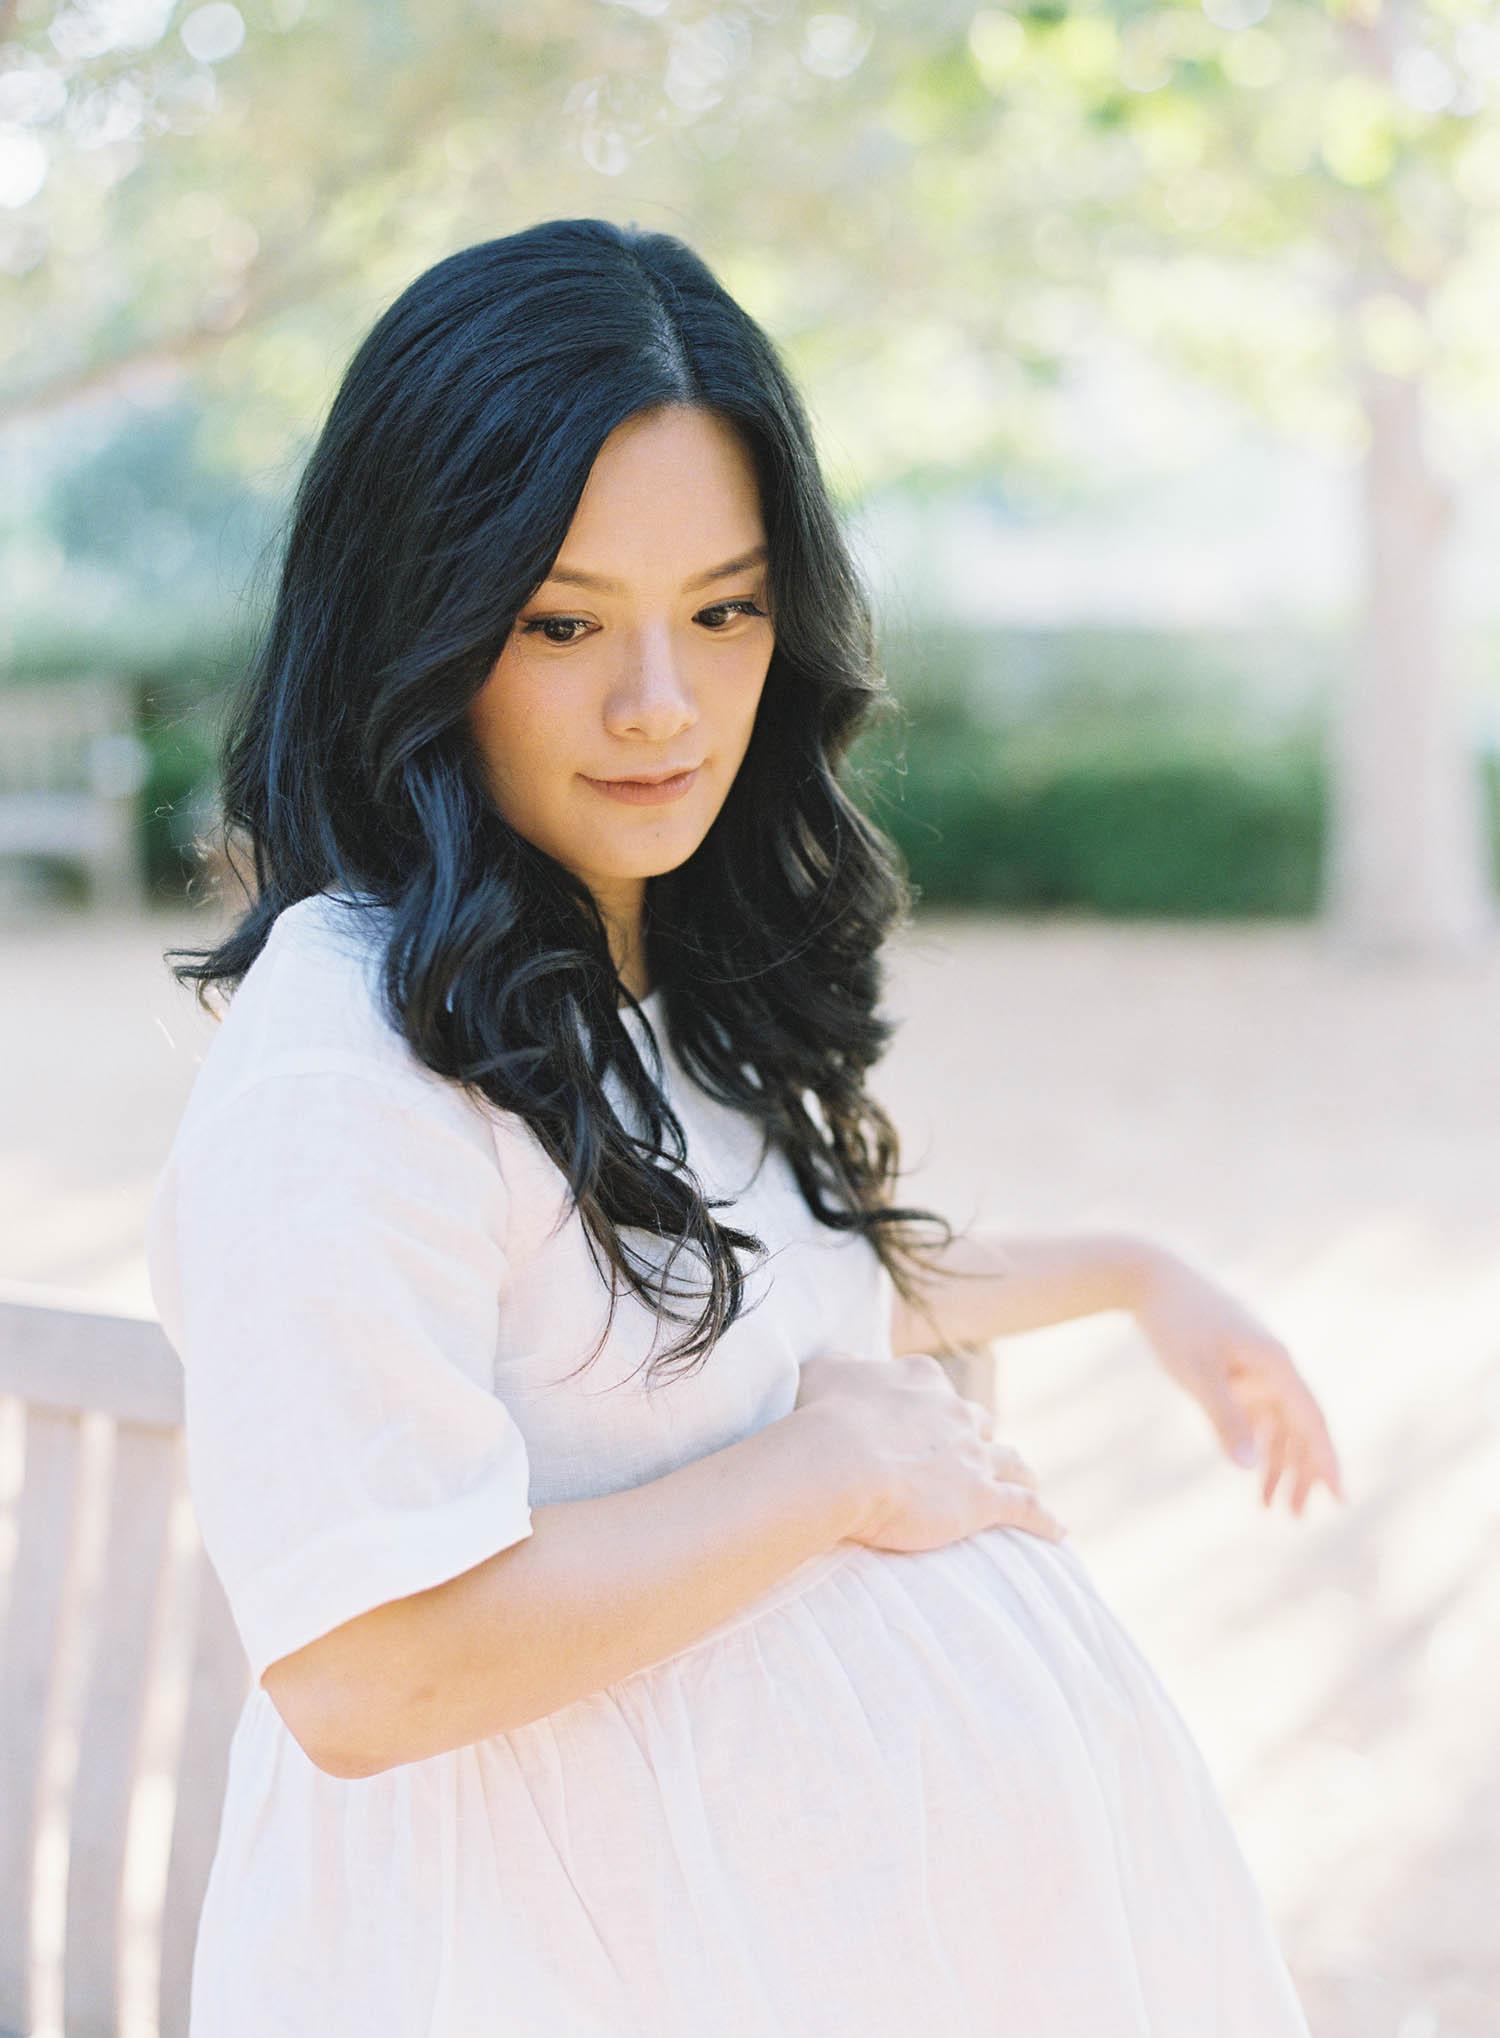 Heng-WR-7-Jen_Huang-006837-R1-008.jpg